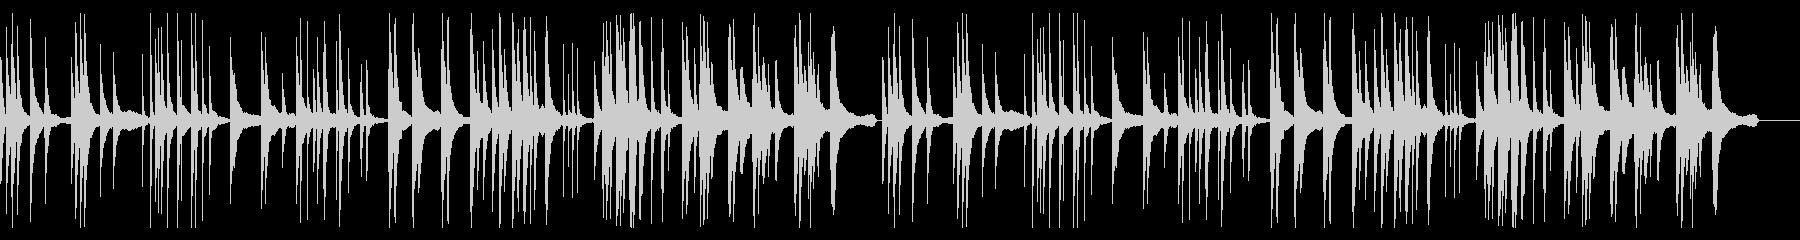 ピアノの残響音が美しい静かで瞑想的な楽曲の未再生の波形